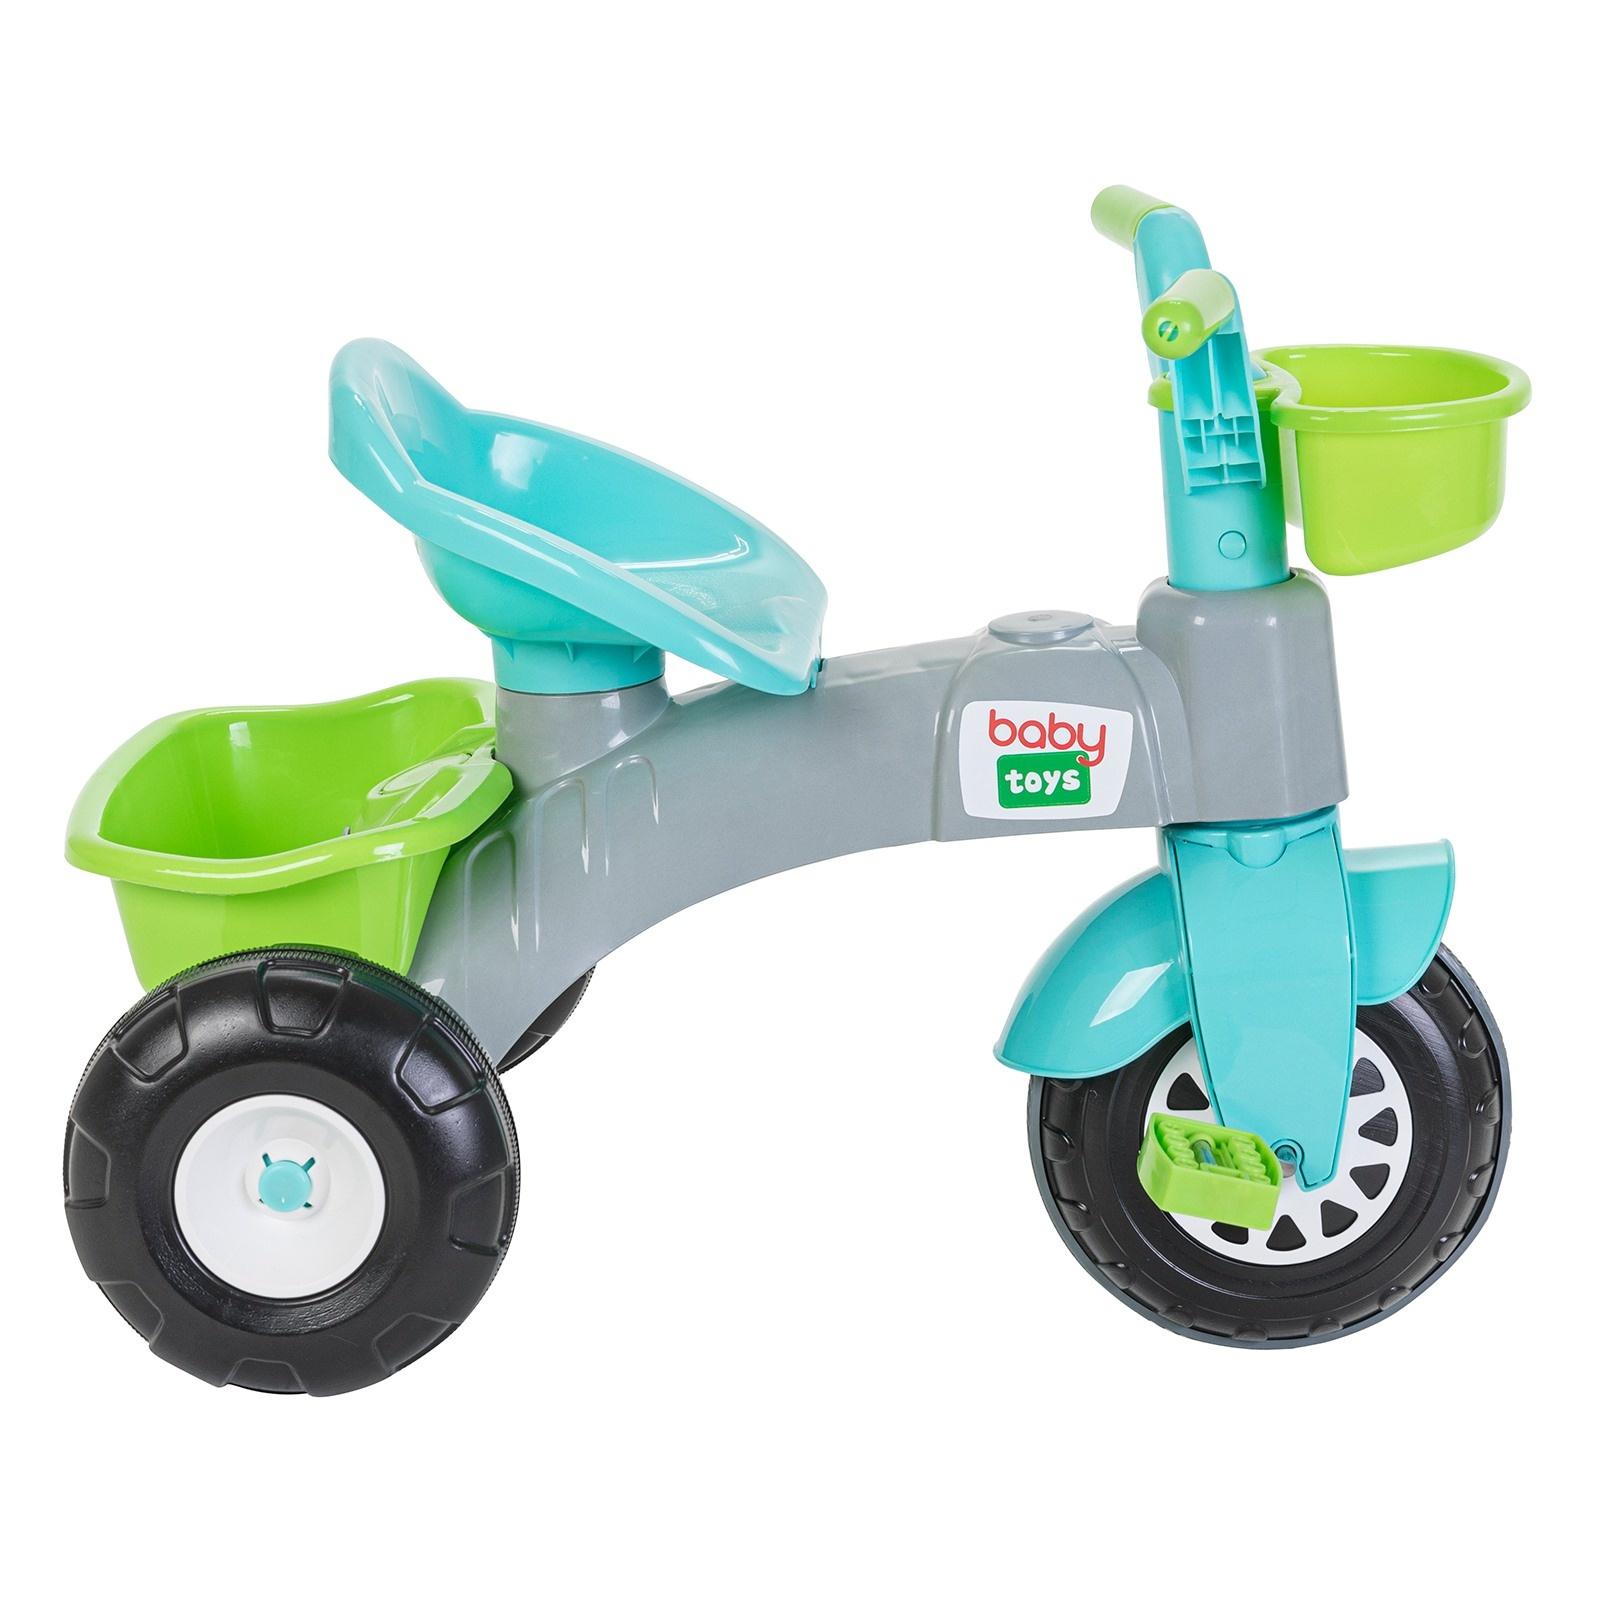 baby&toys İlk Bisikletim Ürün Resmi